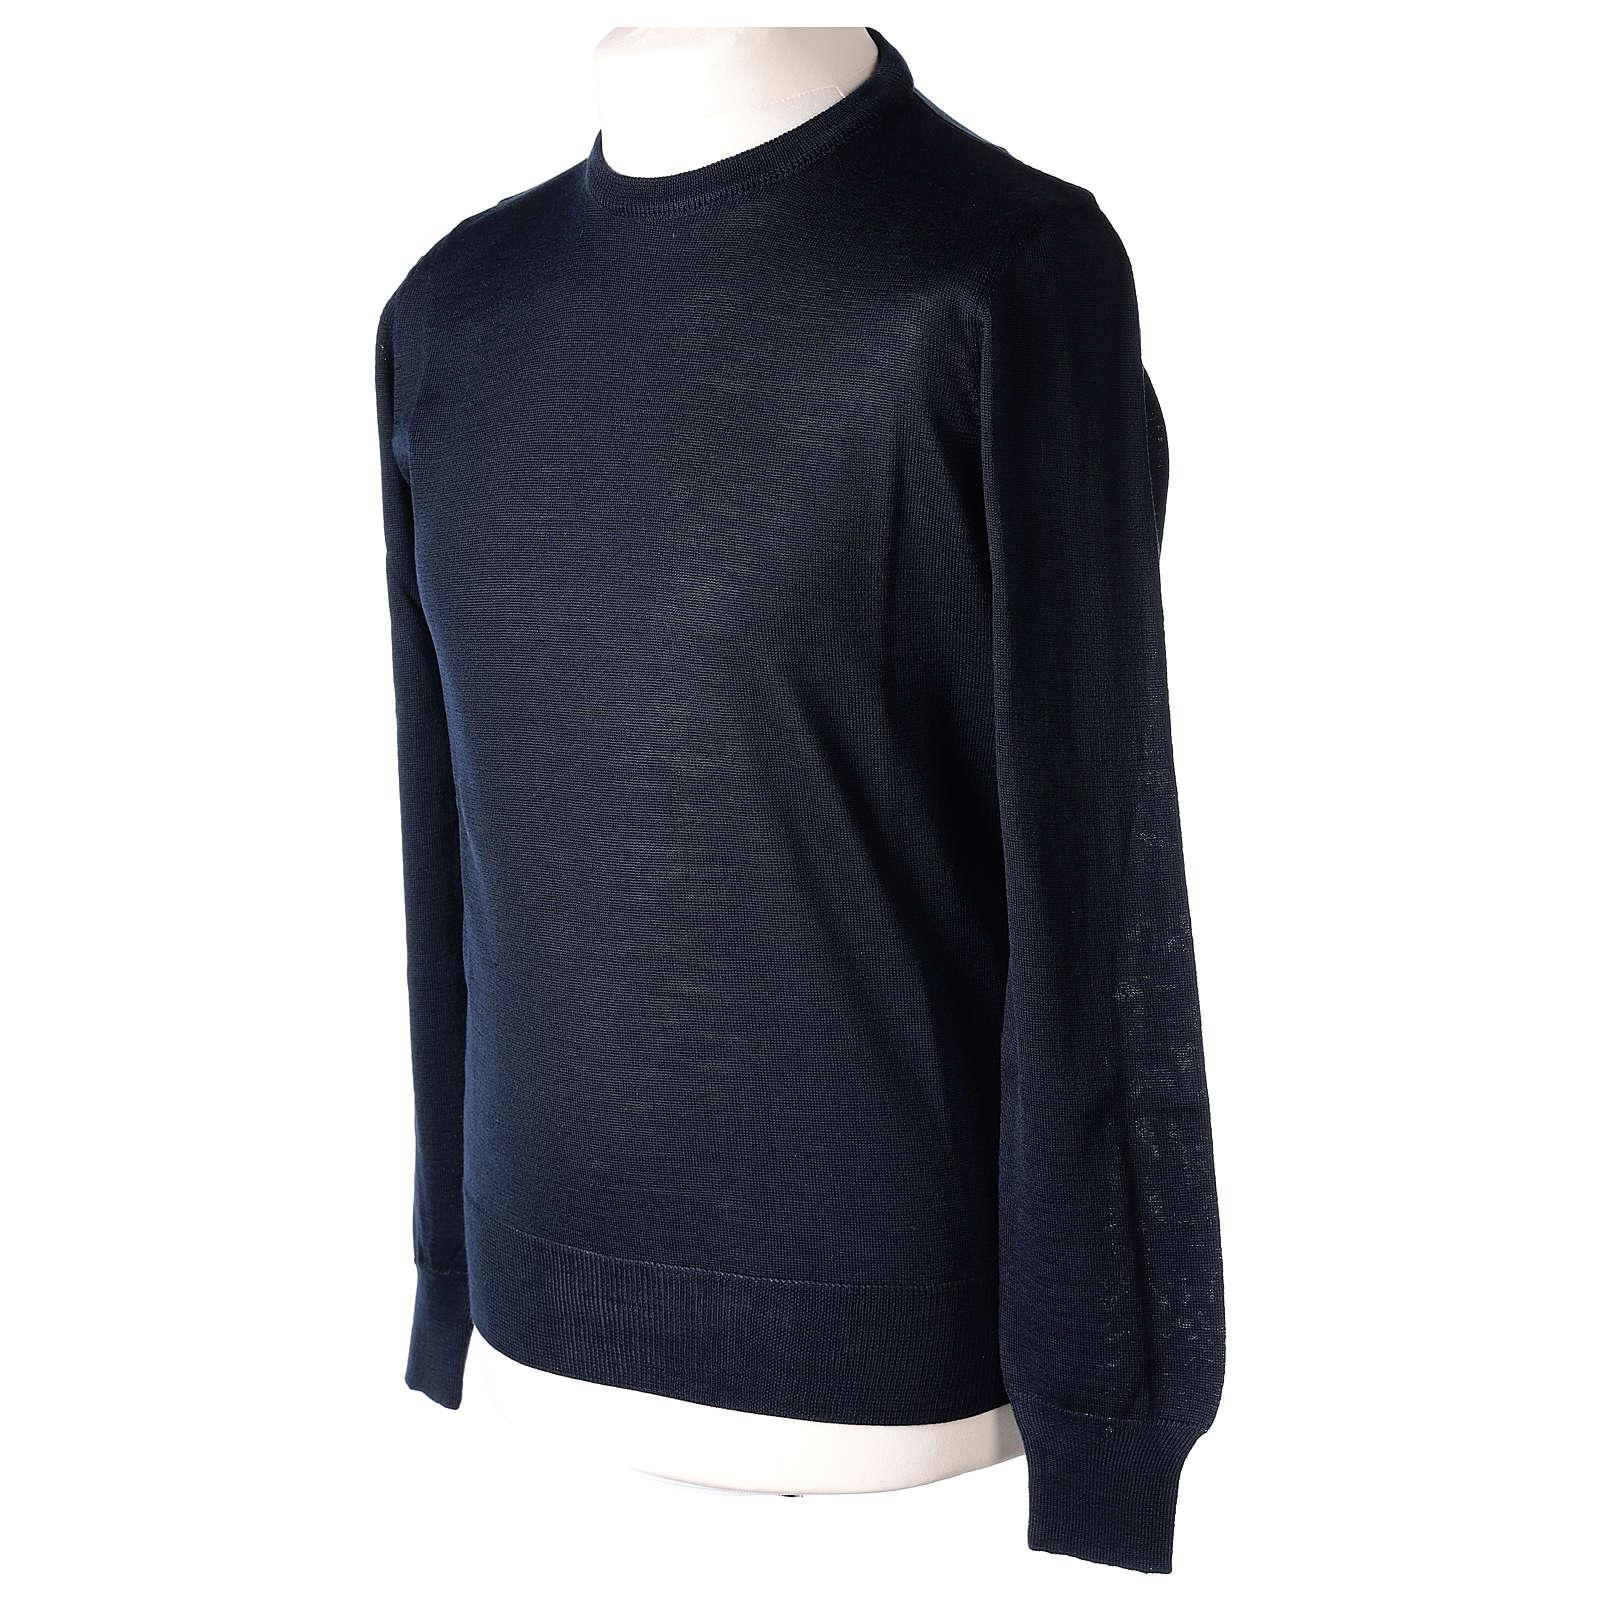 Pull prêtre bleu ras-de-cou jersey simple 50% acrylique 50% laine mérinos In Primis 4